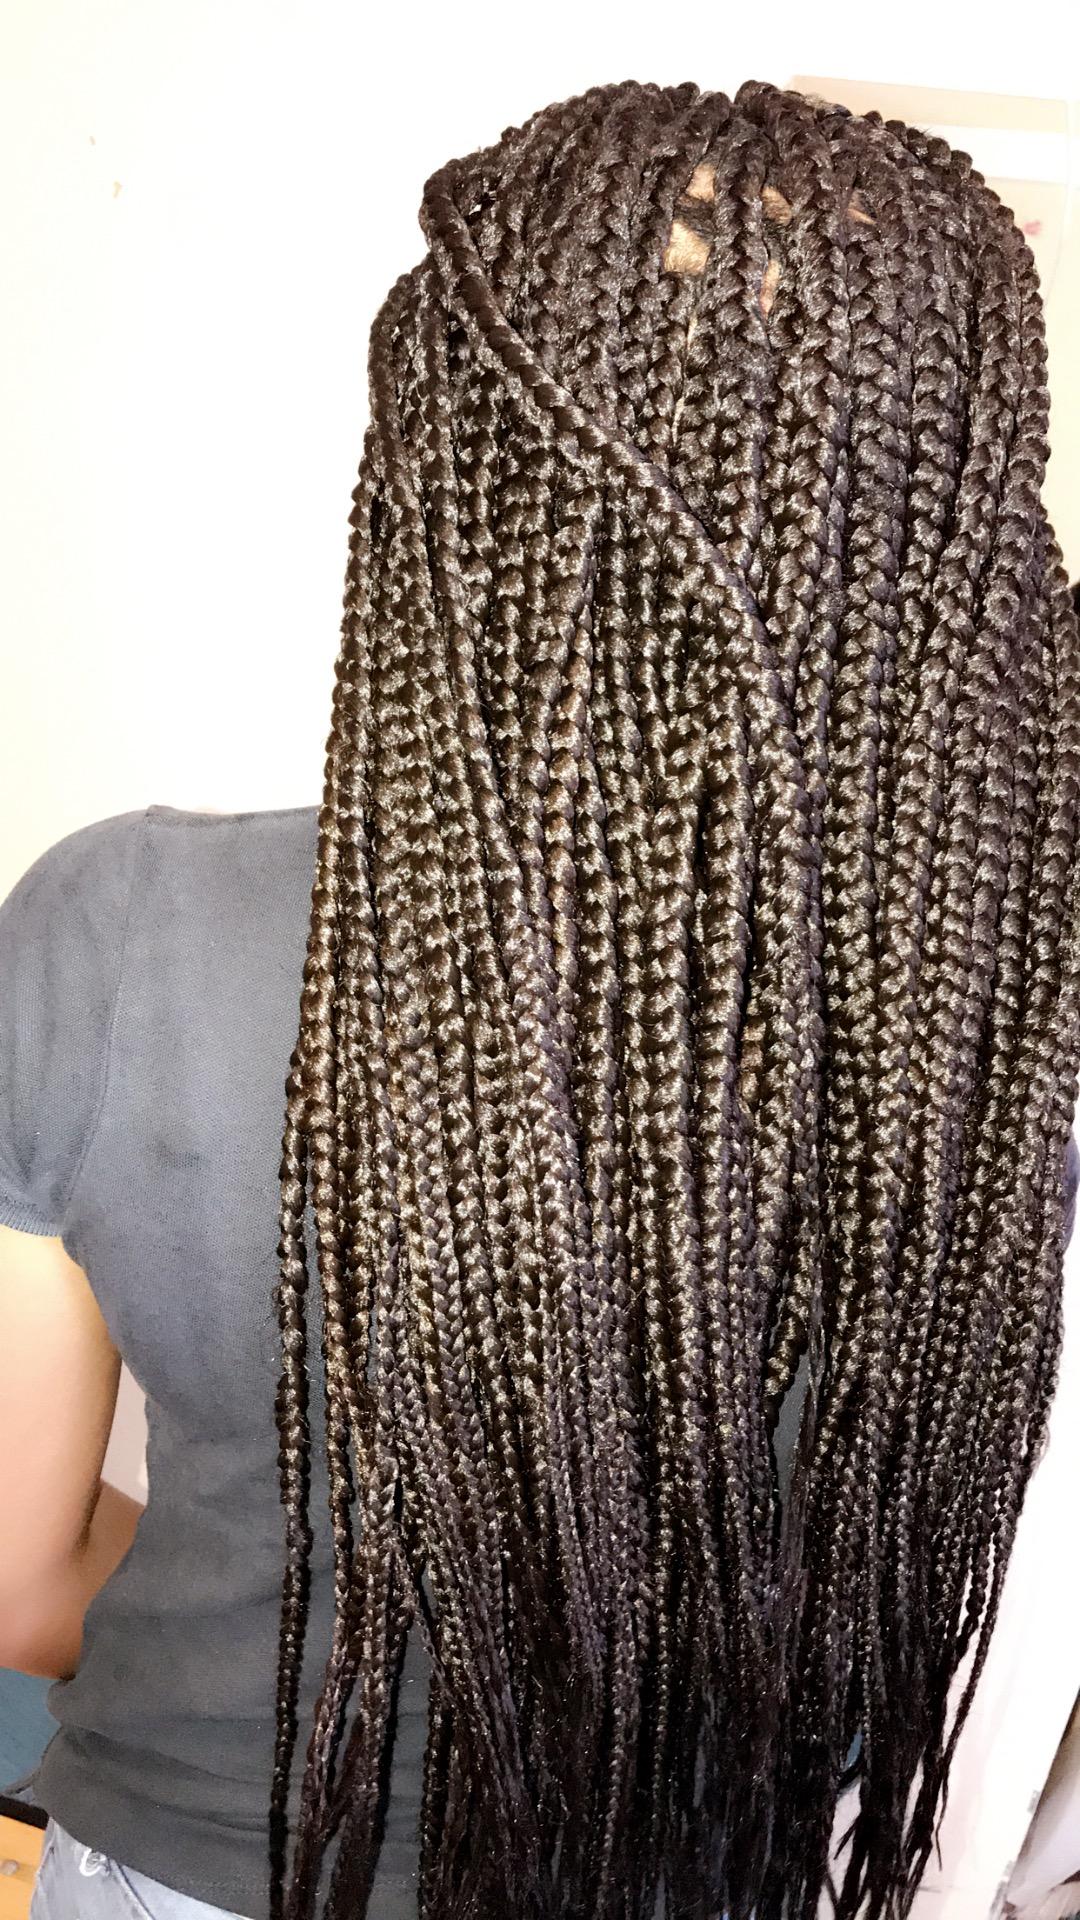 salon de coiffure afro tresse tresses box braids crochet braids vanilles tissages paris 75 77 78 91 92 93 94 95 TRSQYWOW